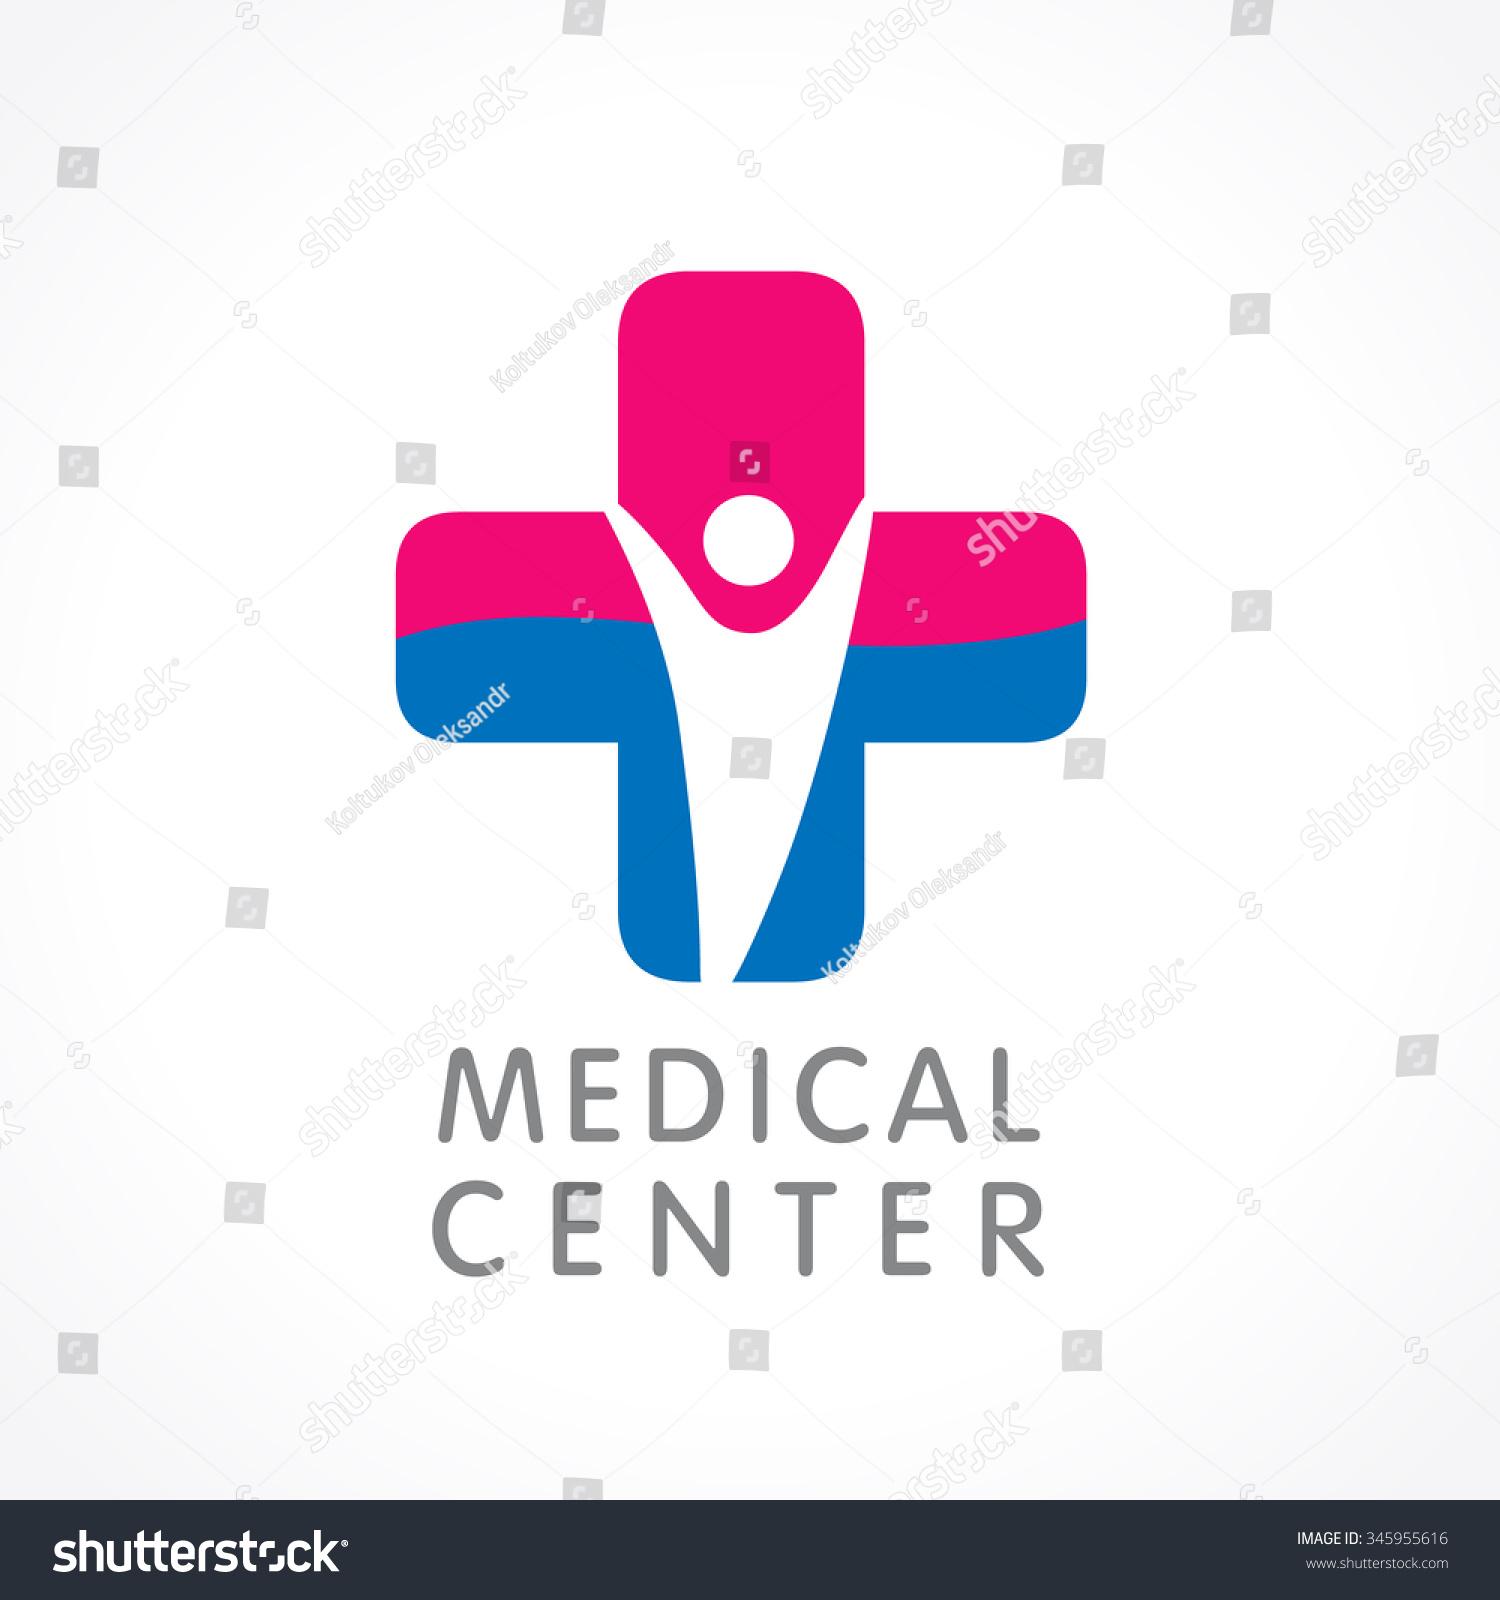 Medical Logo Icon Design Template Cross Lager-vektor 345955616 ...